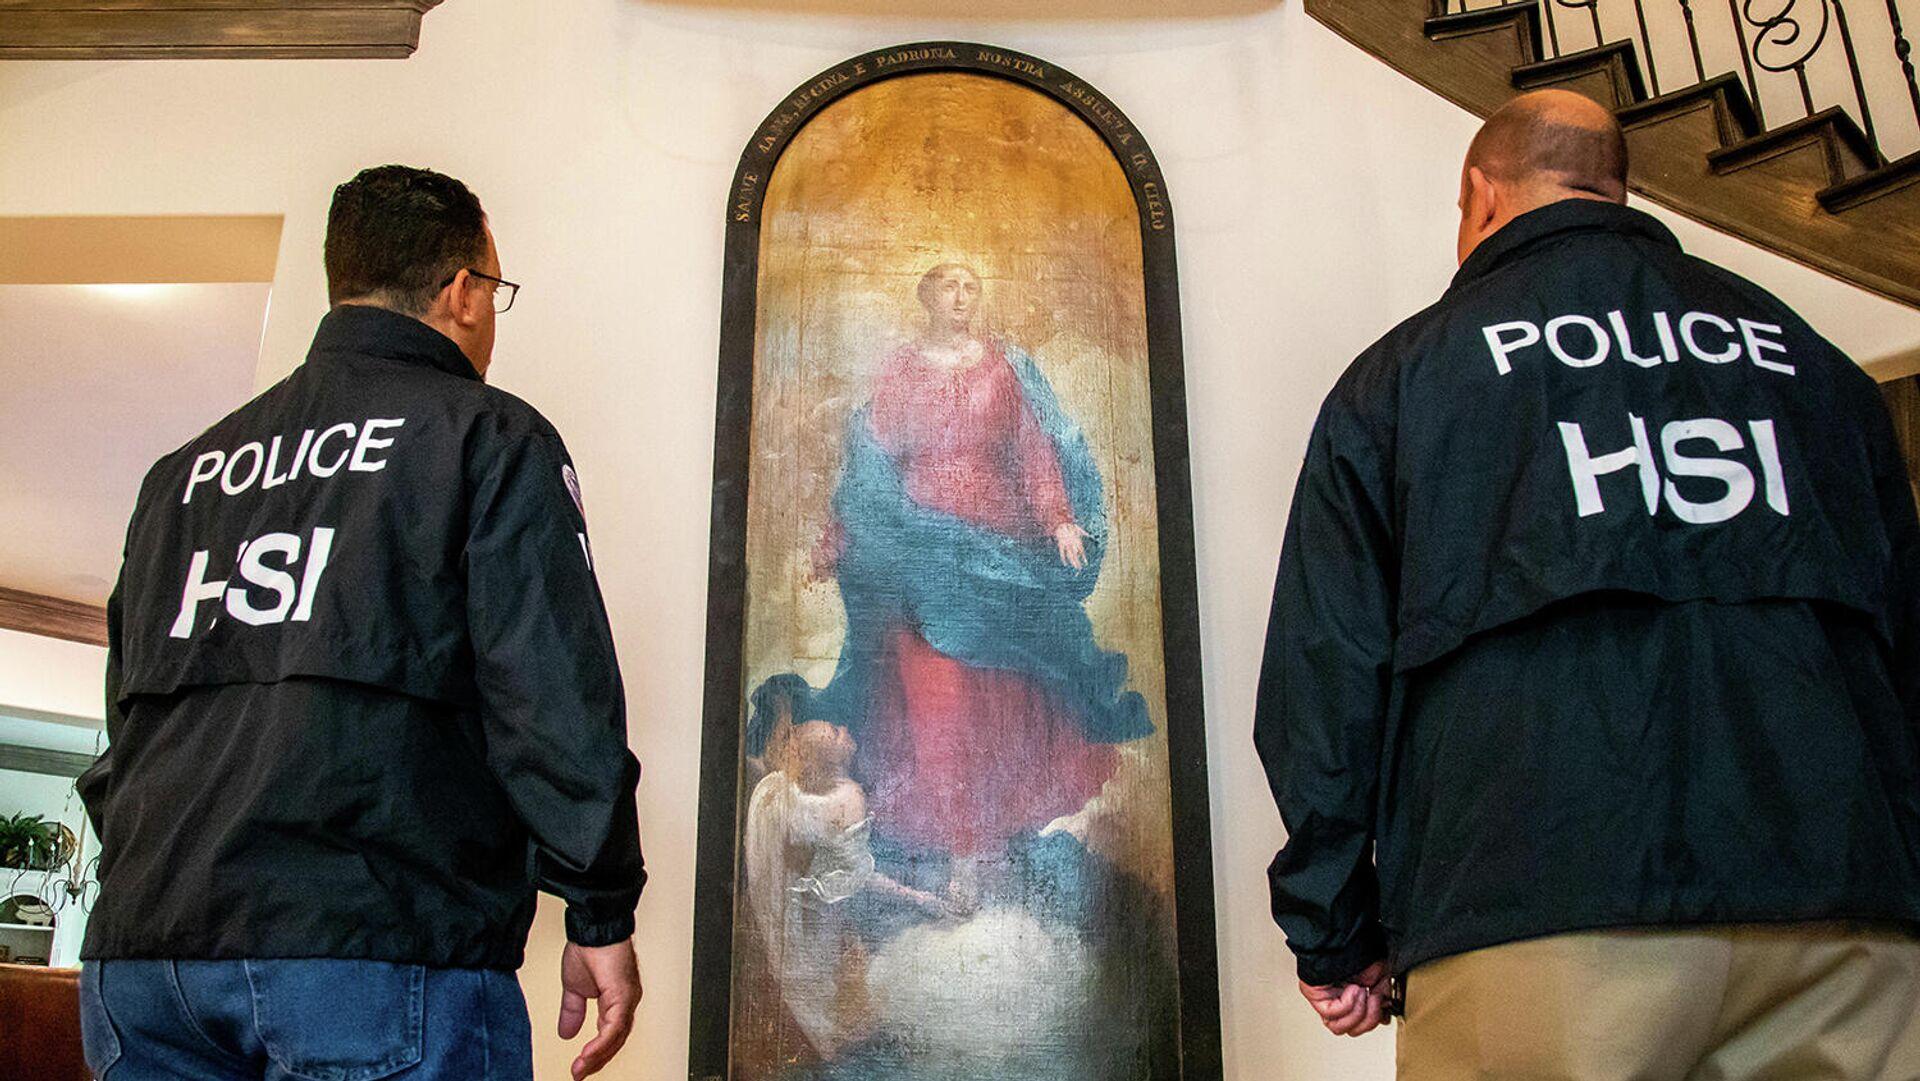 В Техасе нашли украденную из итальянского аббатства старинную картину - РИА Новости, 1920, 04.09.2020